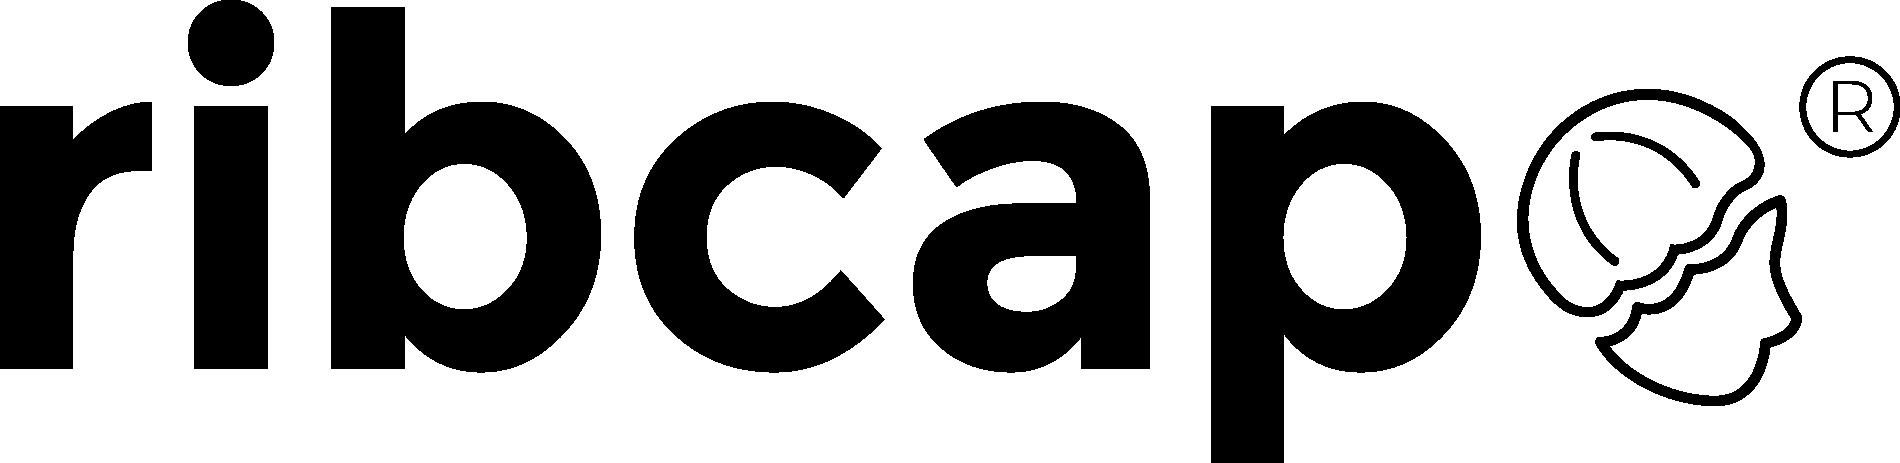 Logo_Ribcap